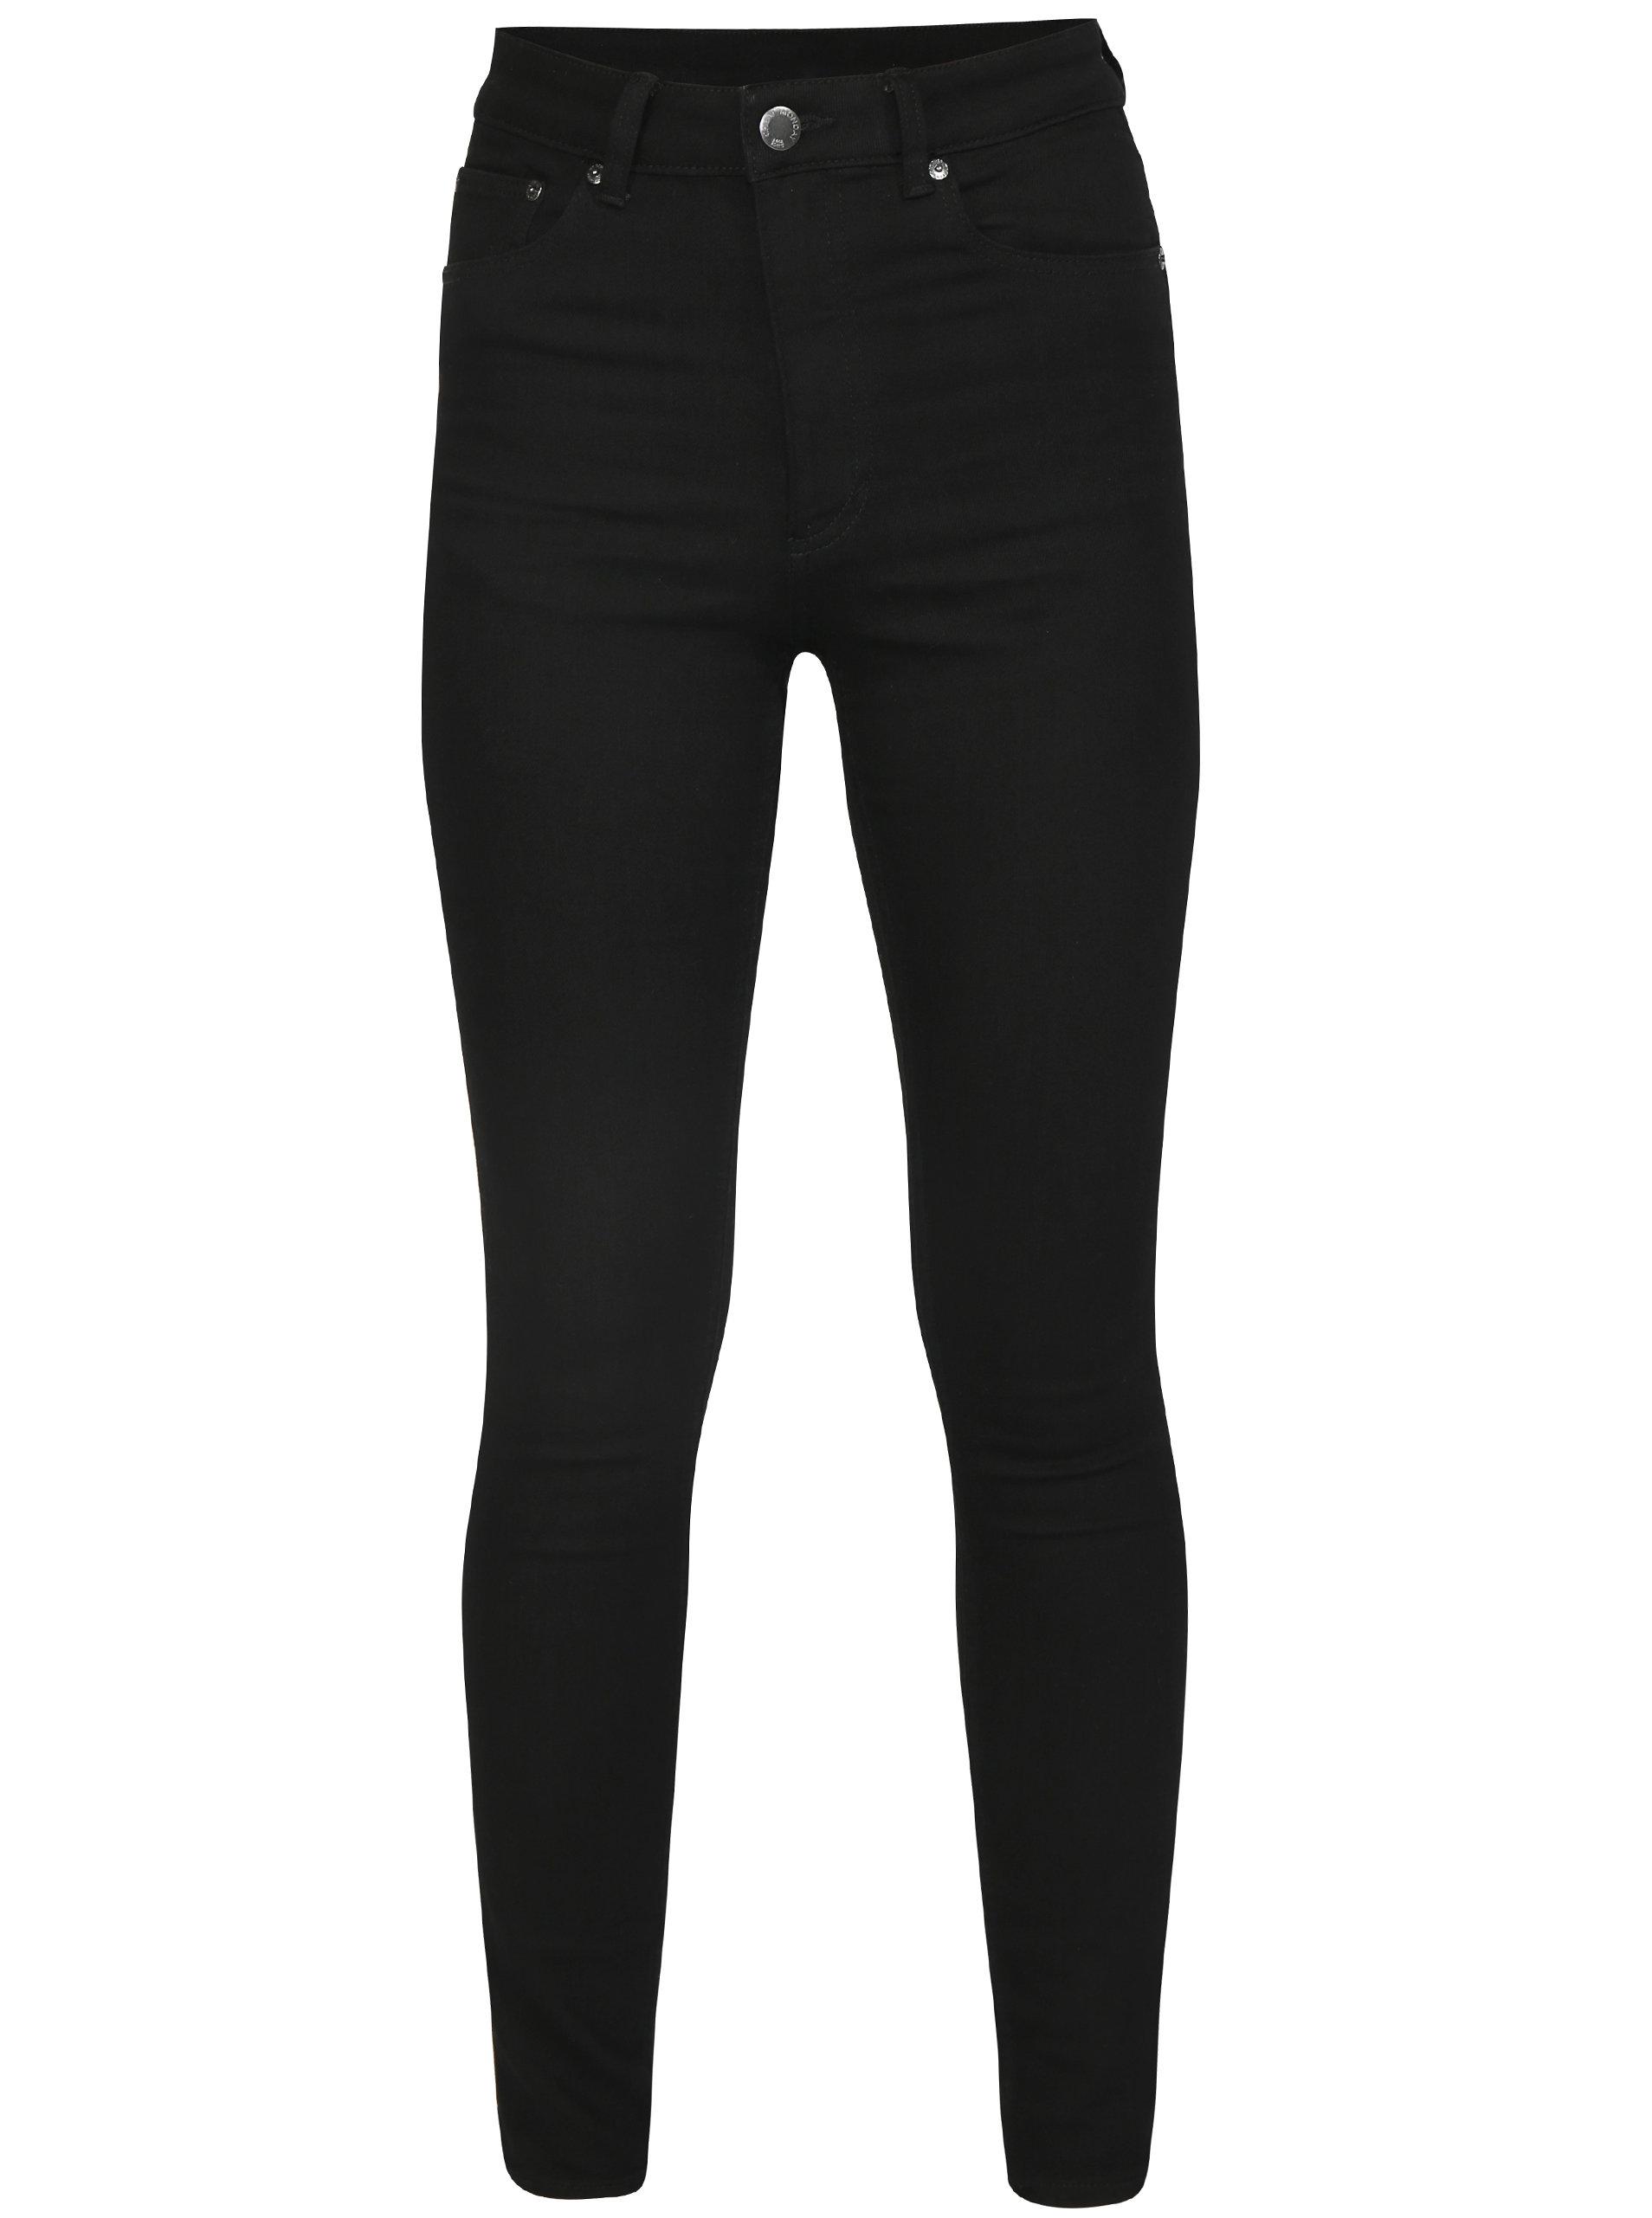 Černé dámské skinny džíny s vysokým pasem Cheap Monday ... e792e3d2e4